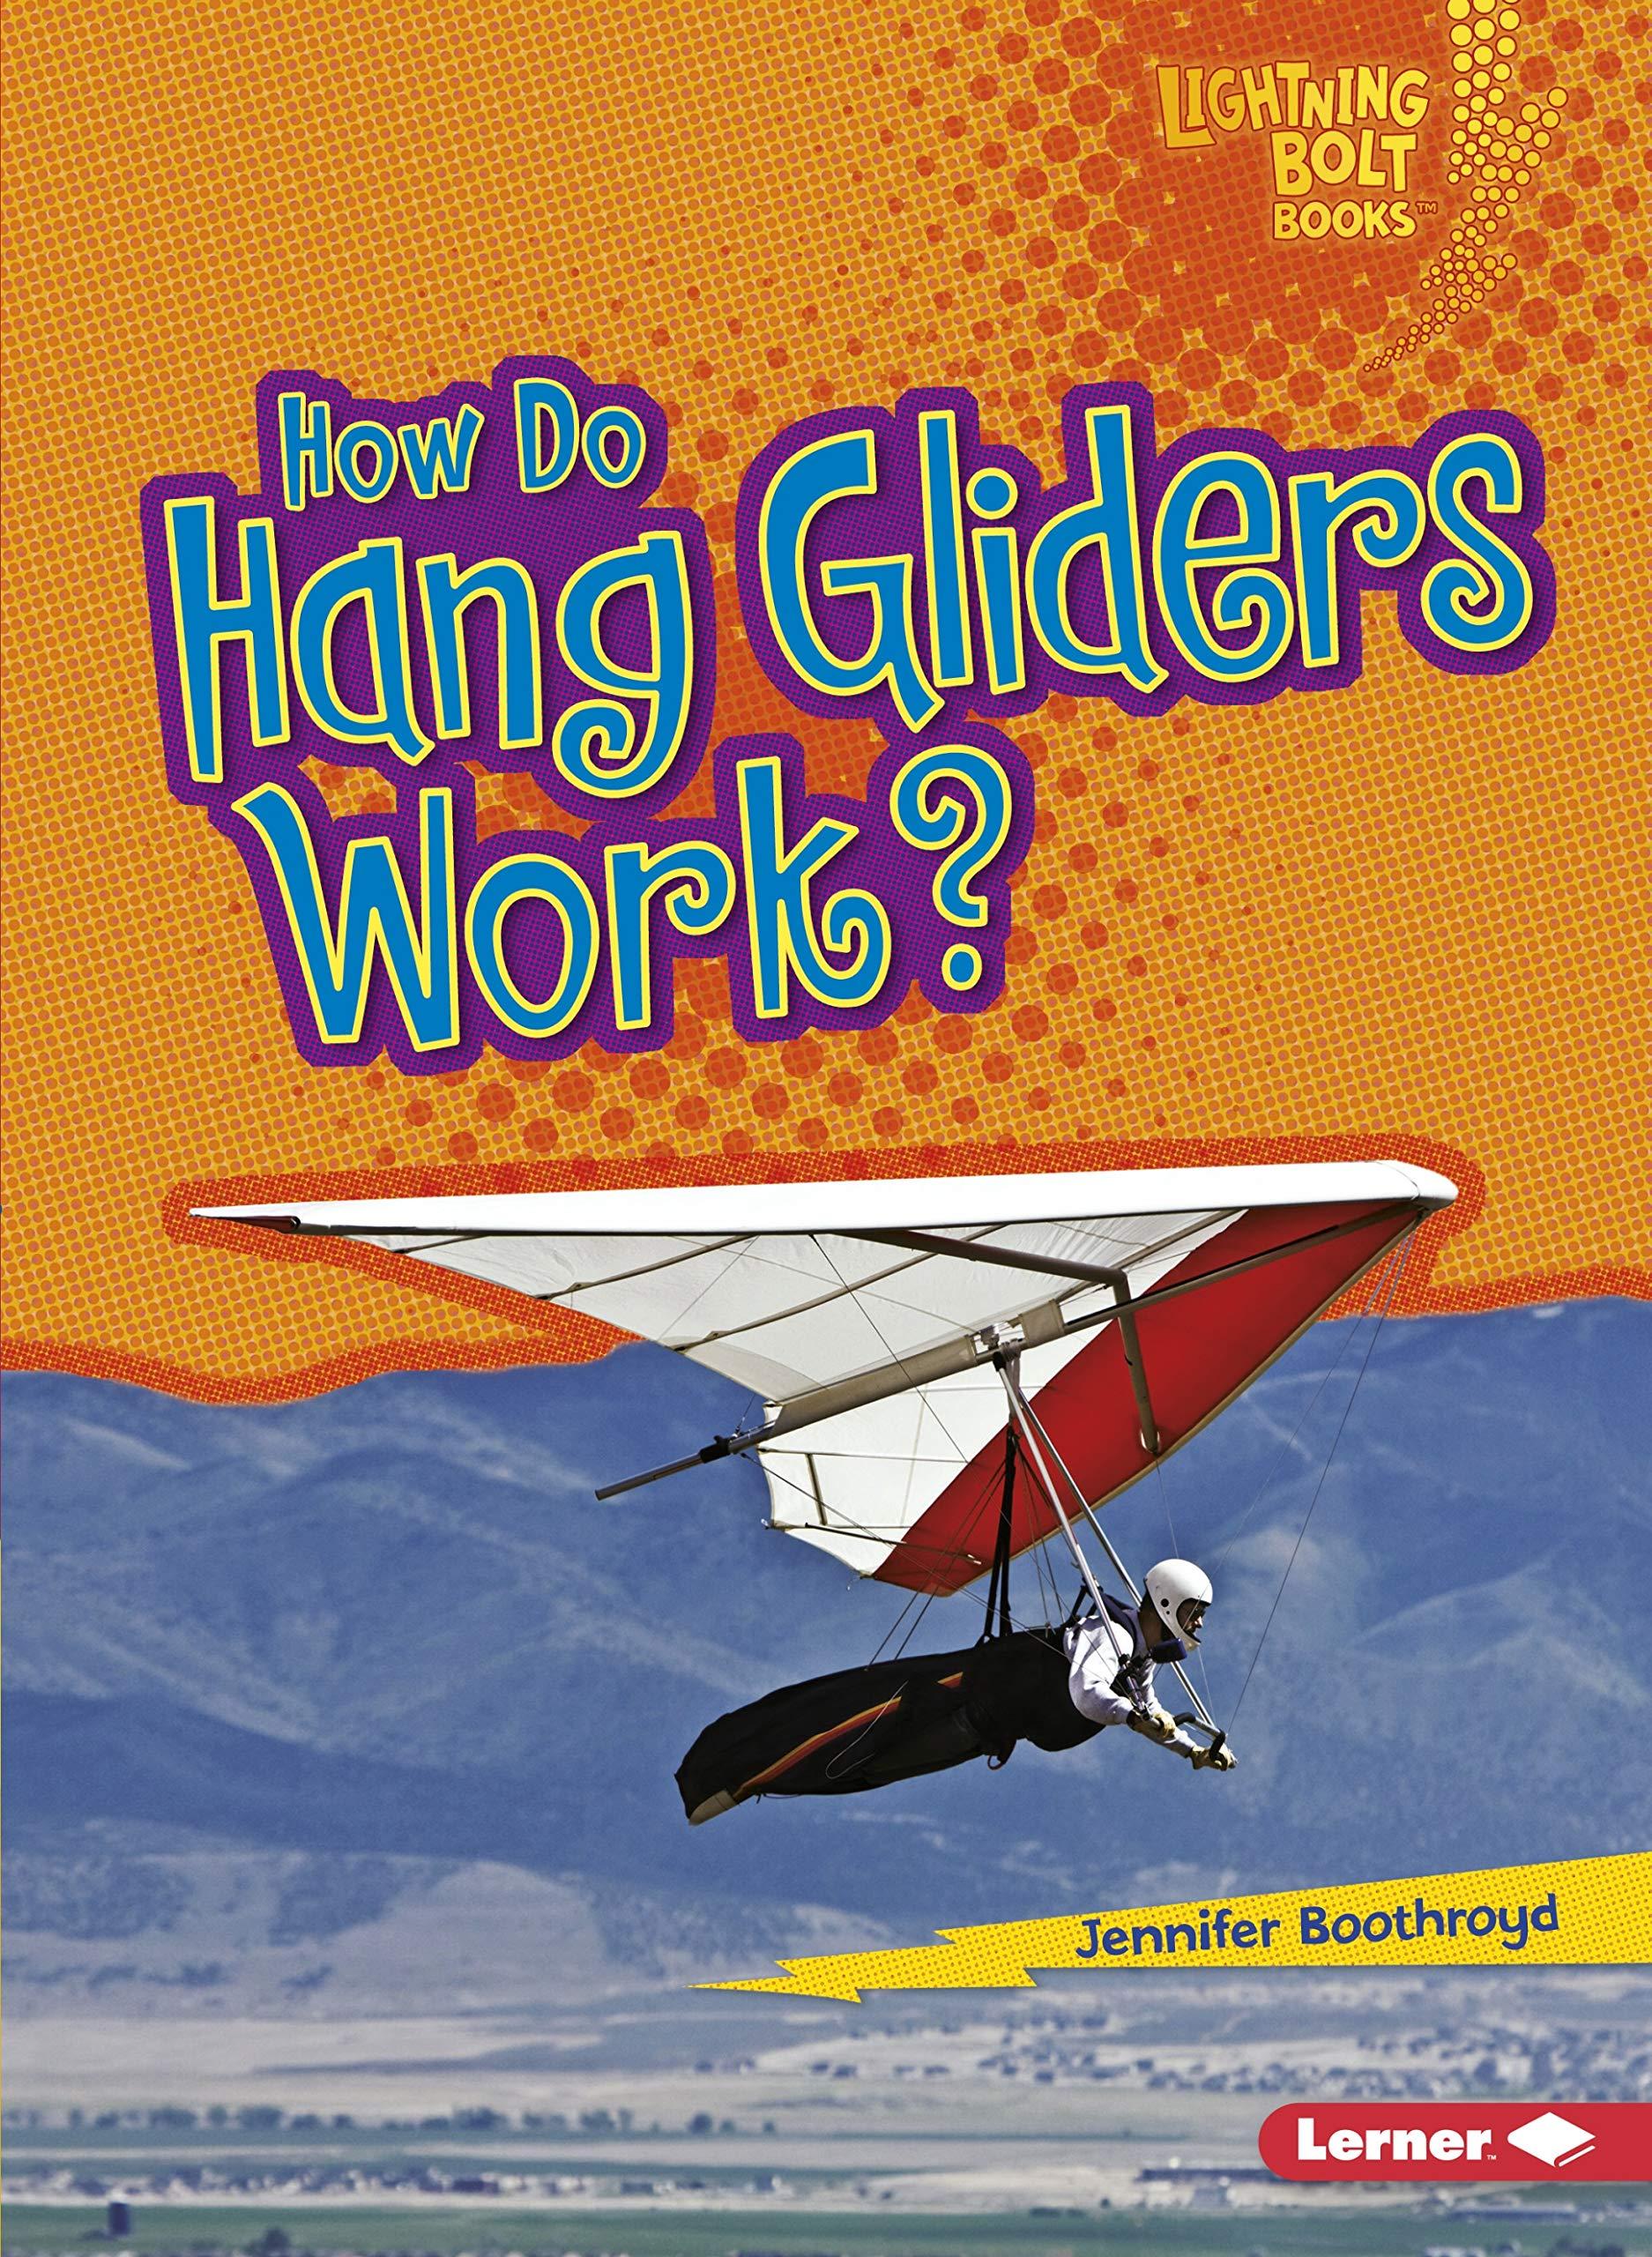 How Do Hang Gliders Work? (Lightning Bolt Books ® _ How